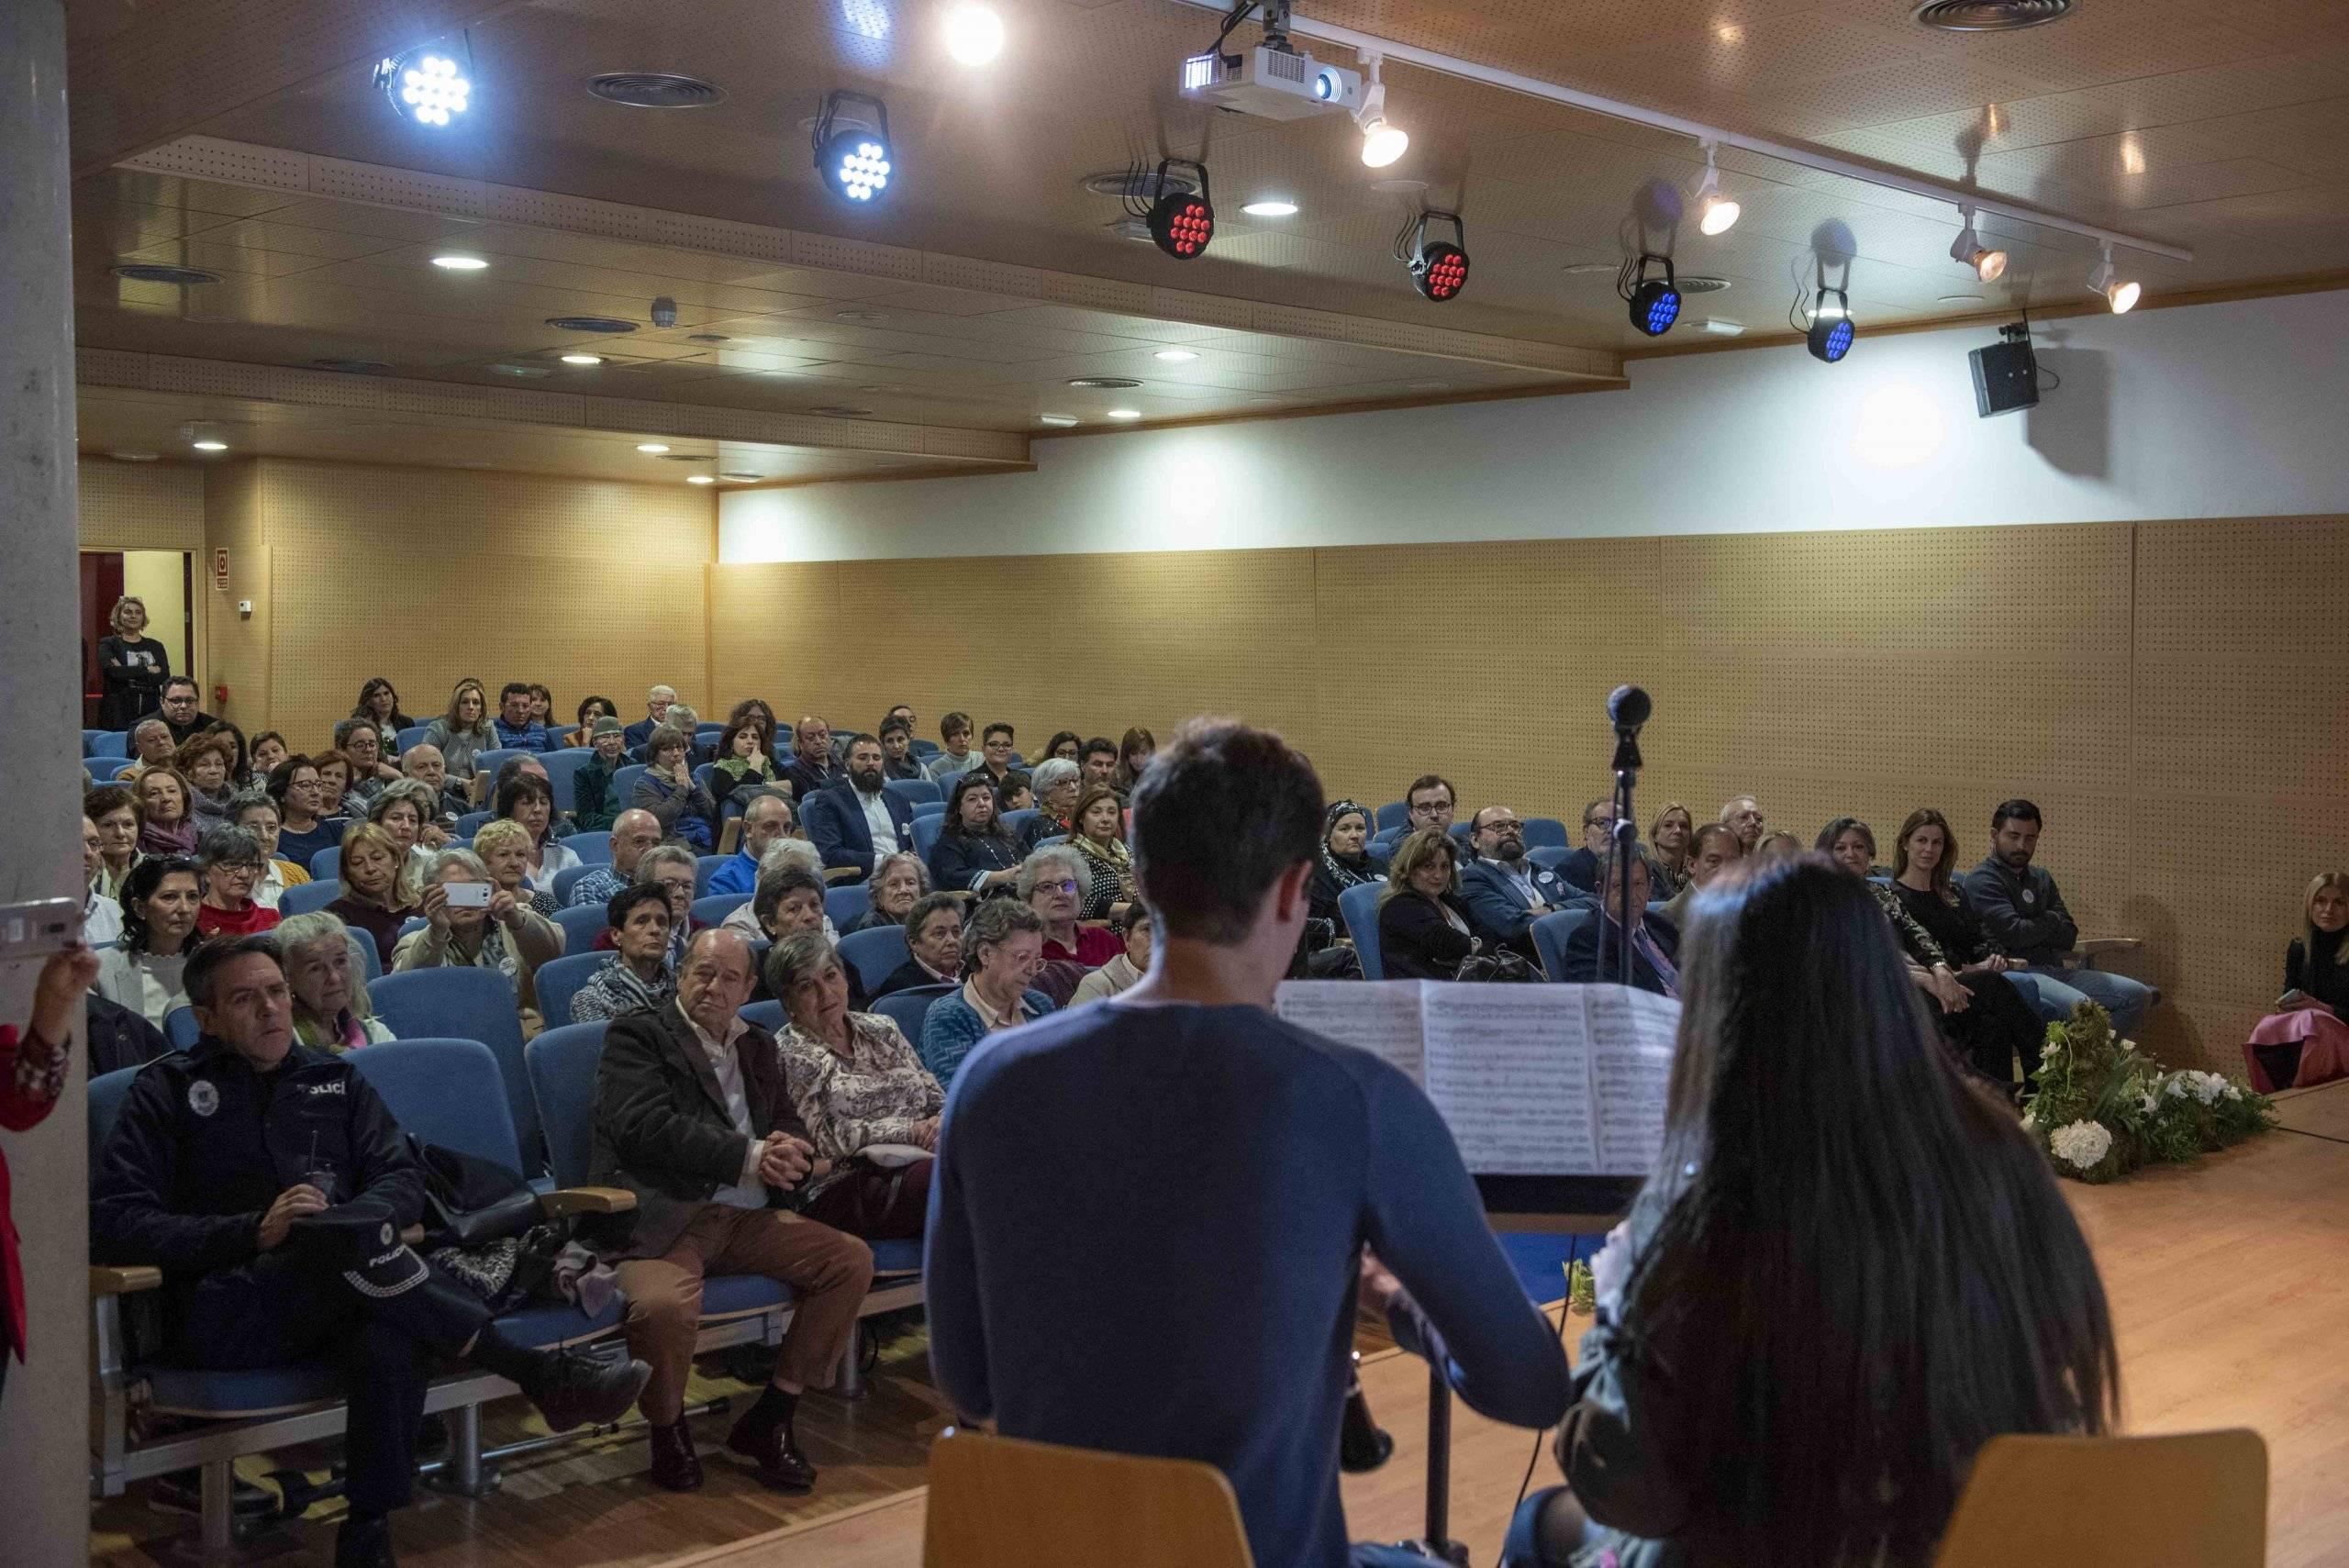 Alumnos de la EMMD interpretando una pieza musical durante el acto.